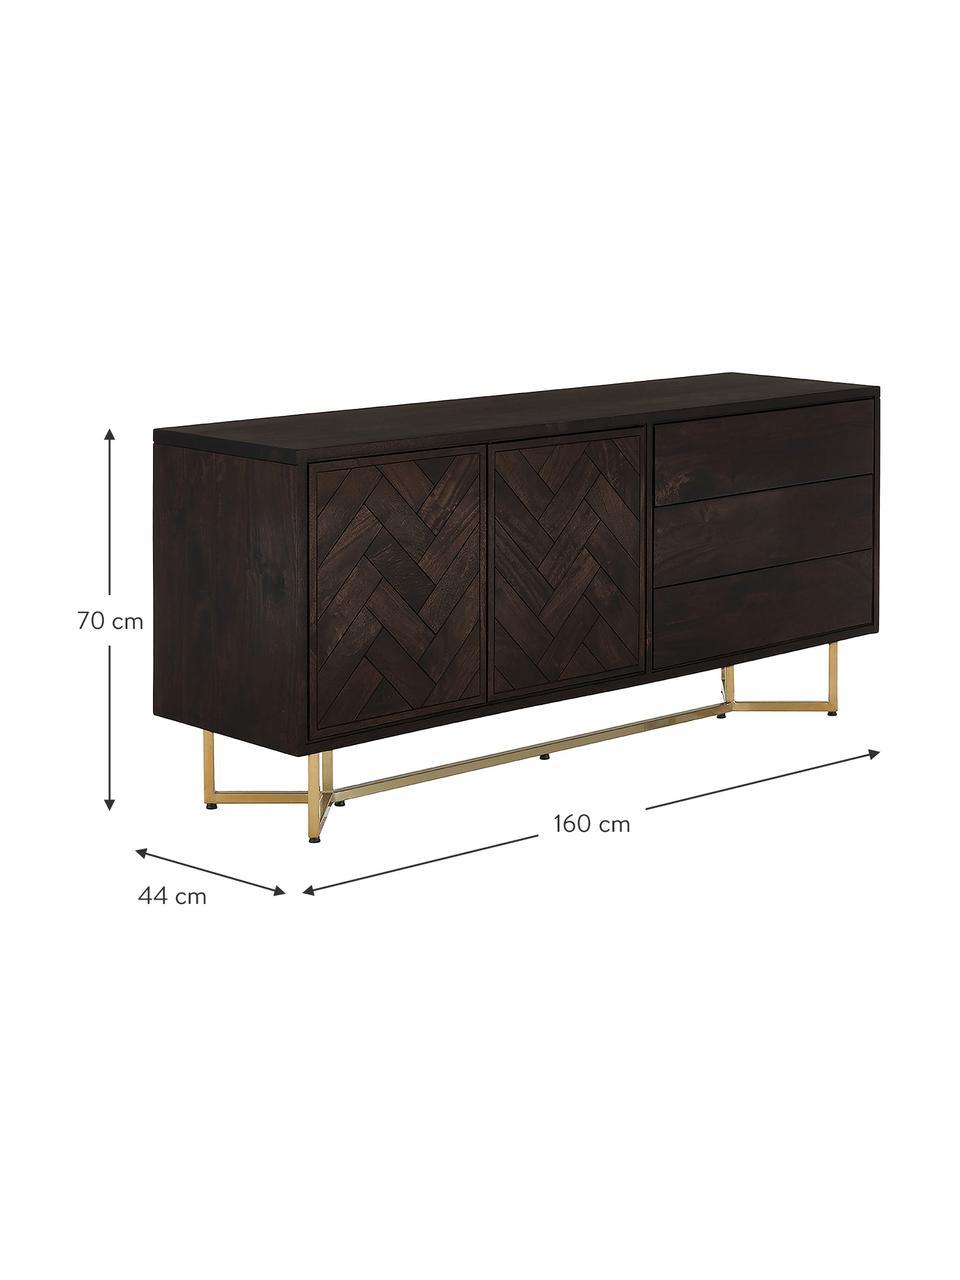 Fischgrät-Sideboard Luca mit Türen aus Massivholz, Korpus: Massives Mangoholz, Gestell: Metall, beschichtet, Dunkelbraun, 160 x 70 cm